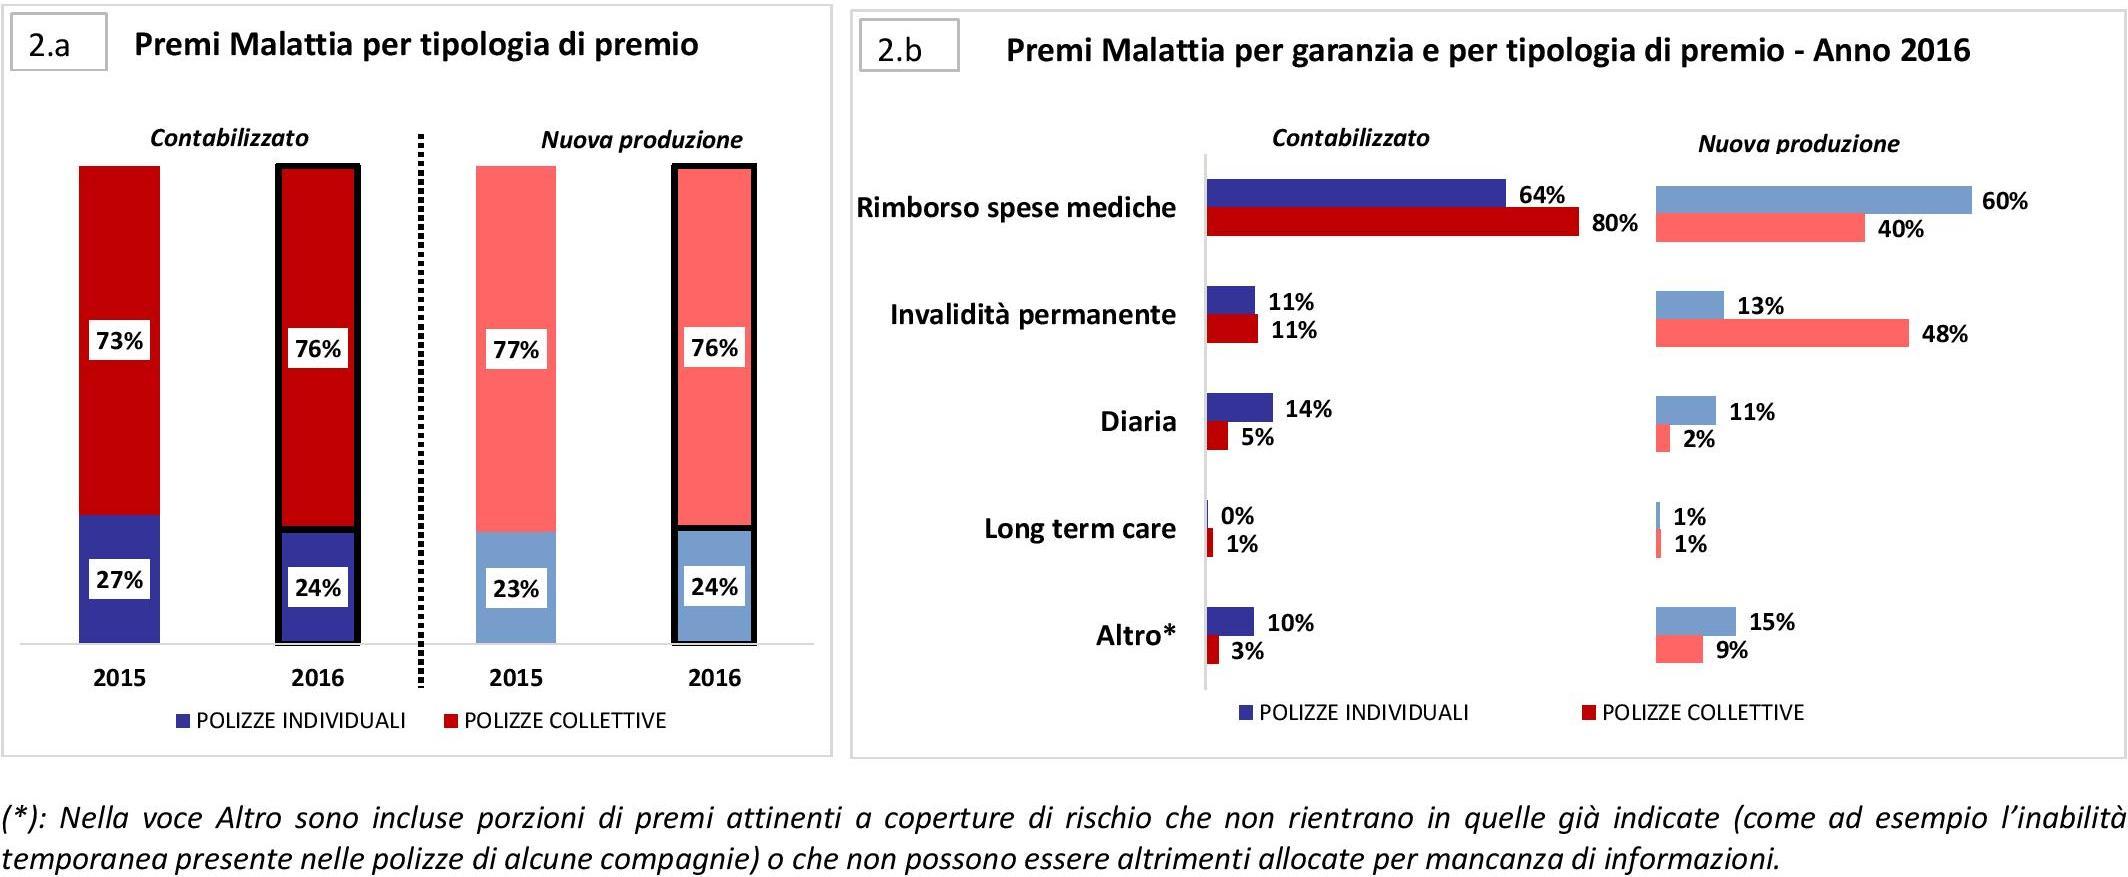 ANIA - Malattia 2016 - Polizze individuali e collettive Imc